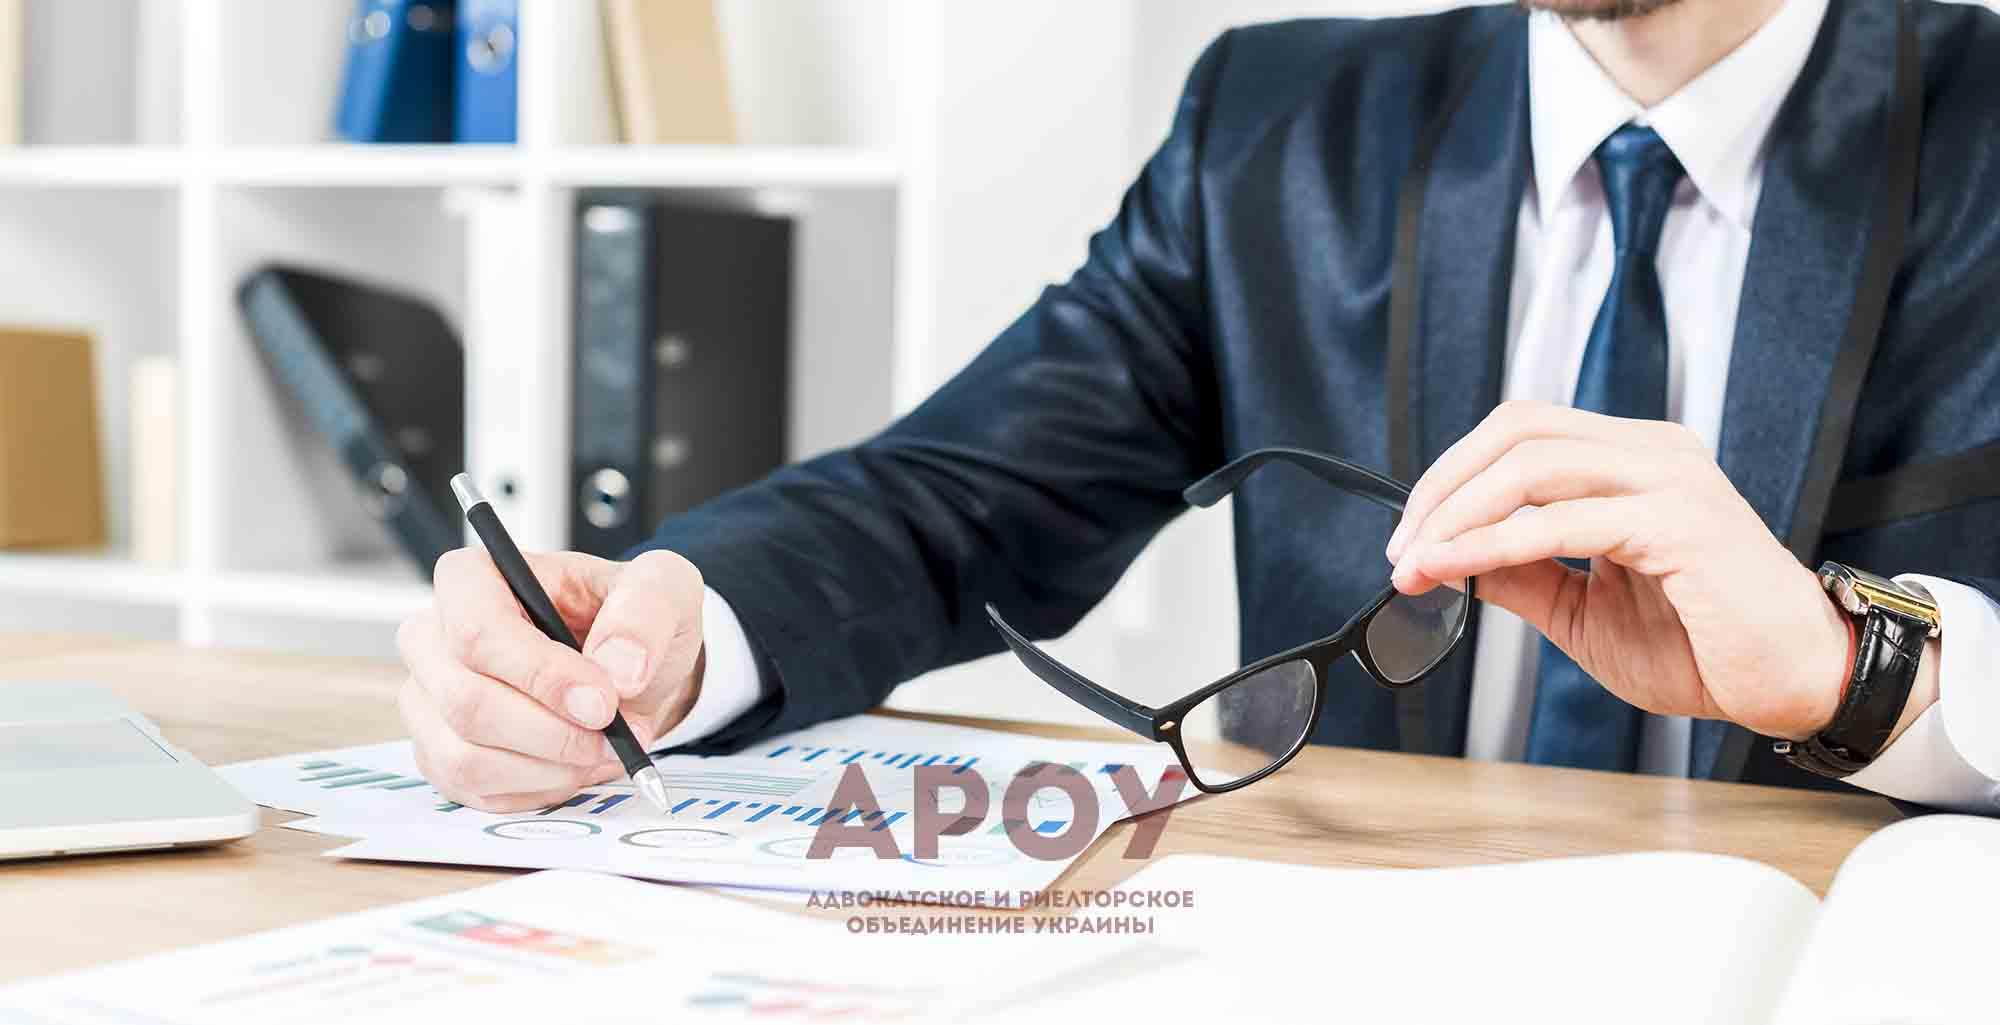 аудит кадрового делопроизводства, кадровый аудит в киеве